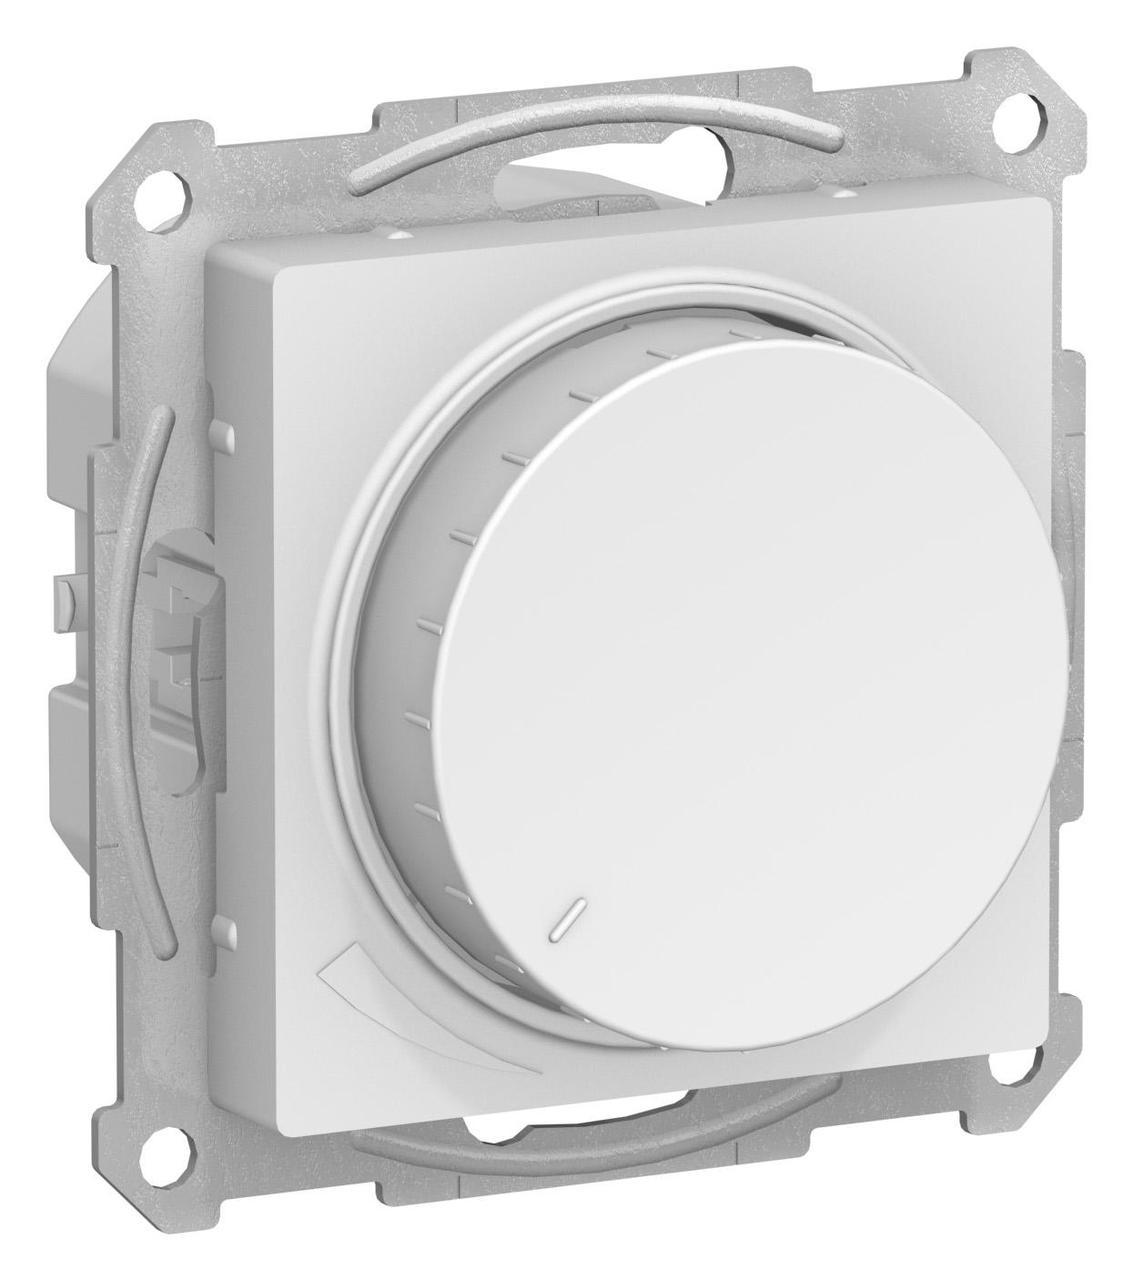 Диммер поворотно-нажимной , 300Вт для ламп накаливания , Белый, серия Atlas Design, Schneider Electric